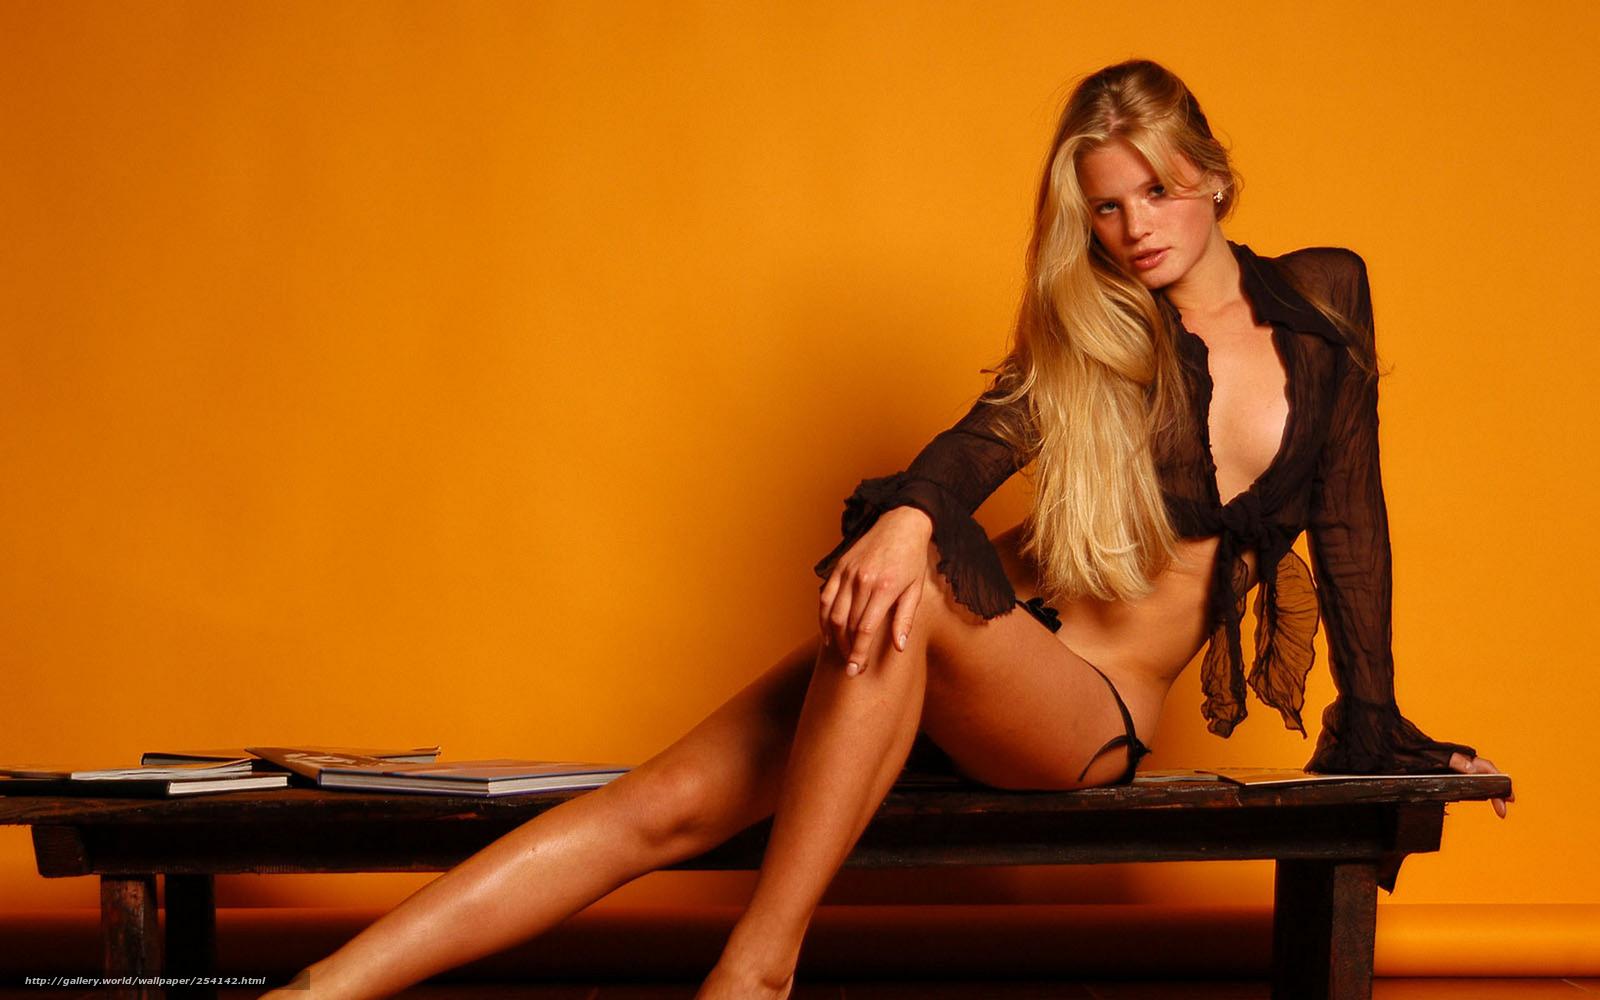 Сайти з еротикою 17 фотография